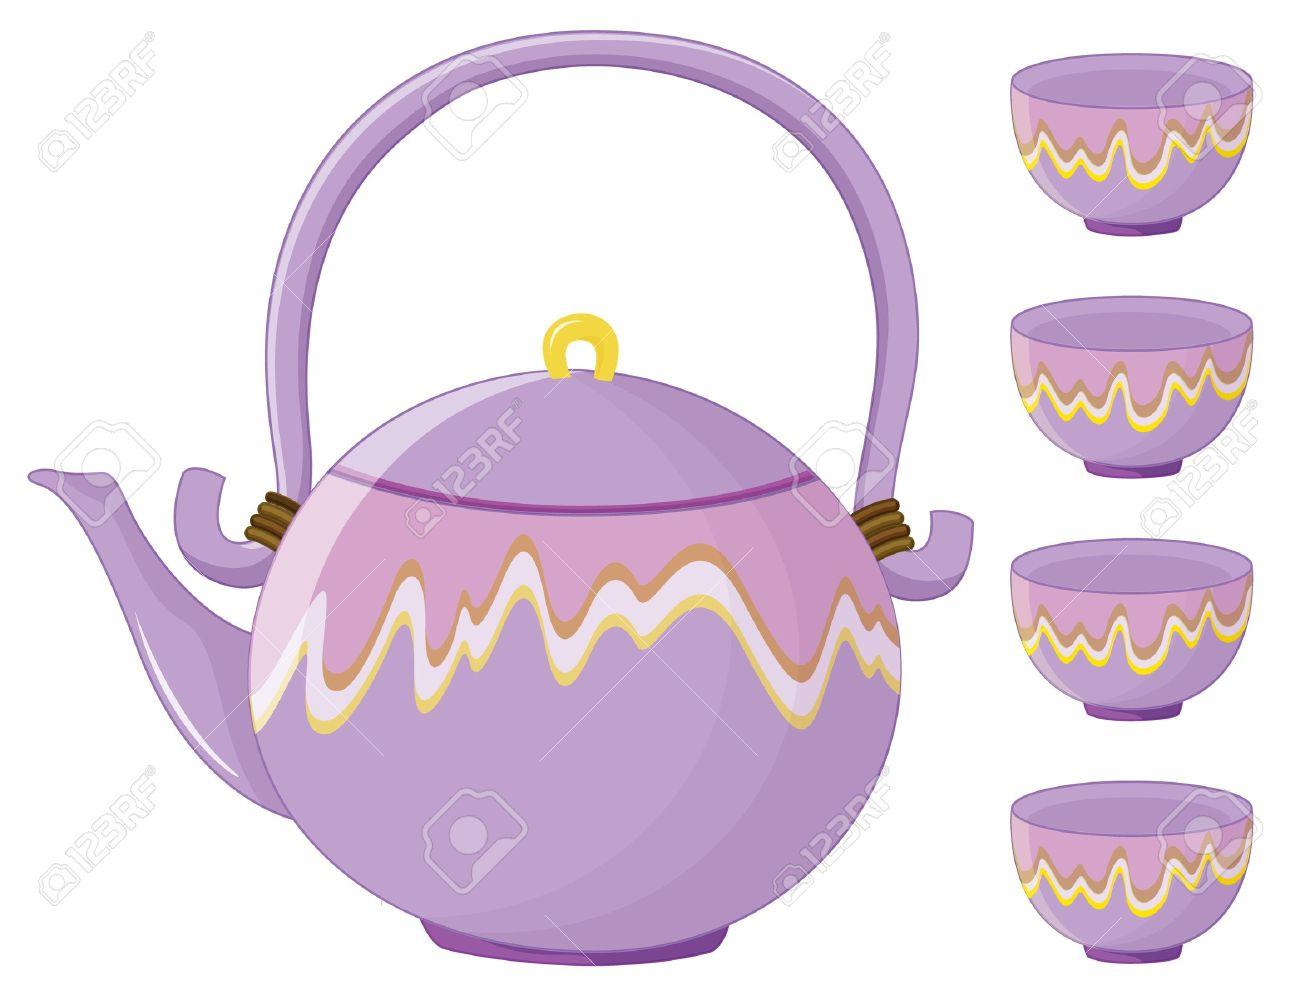 Illustration Of An Asian Tea Set Stock V-Illustration of an asian tea set Stock Vector - 13930678-7